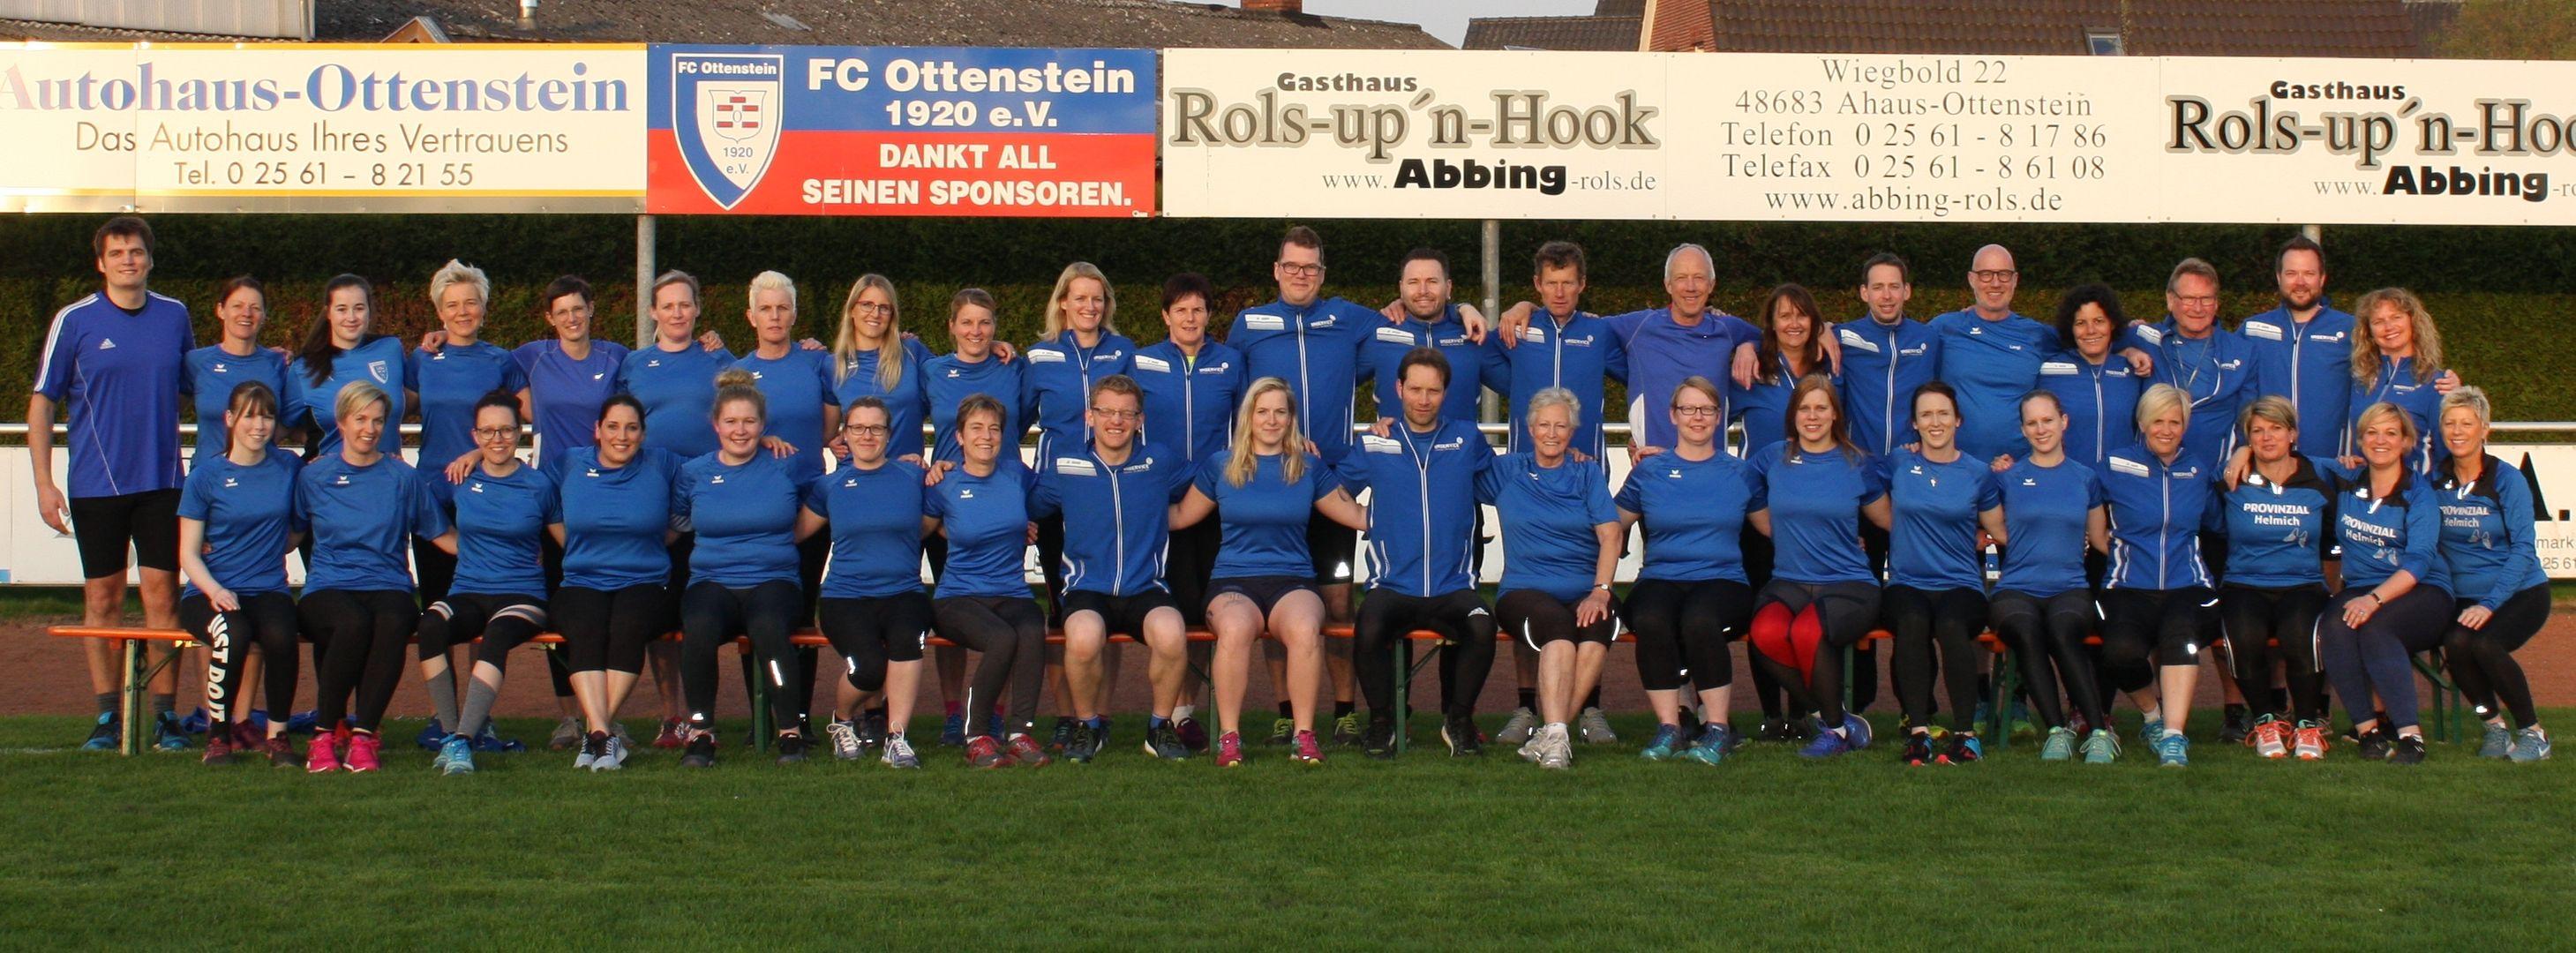 Lauftreff | FC Ottenstein 1920 e.V.